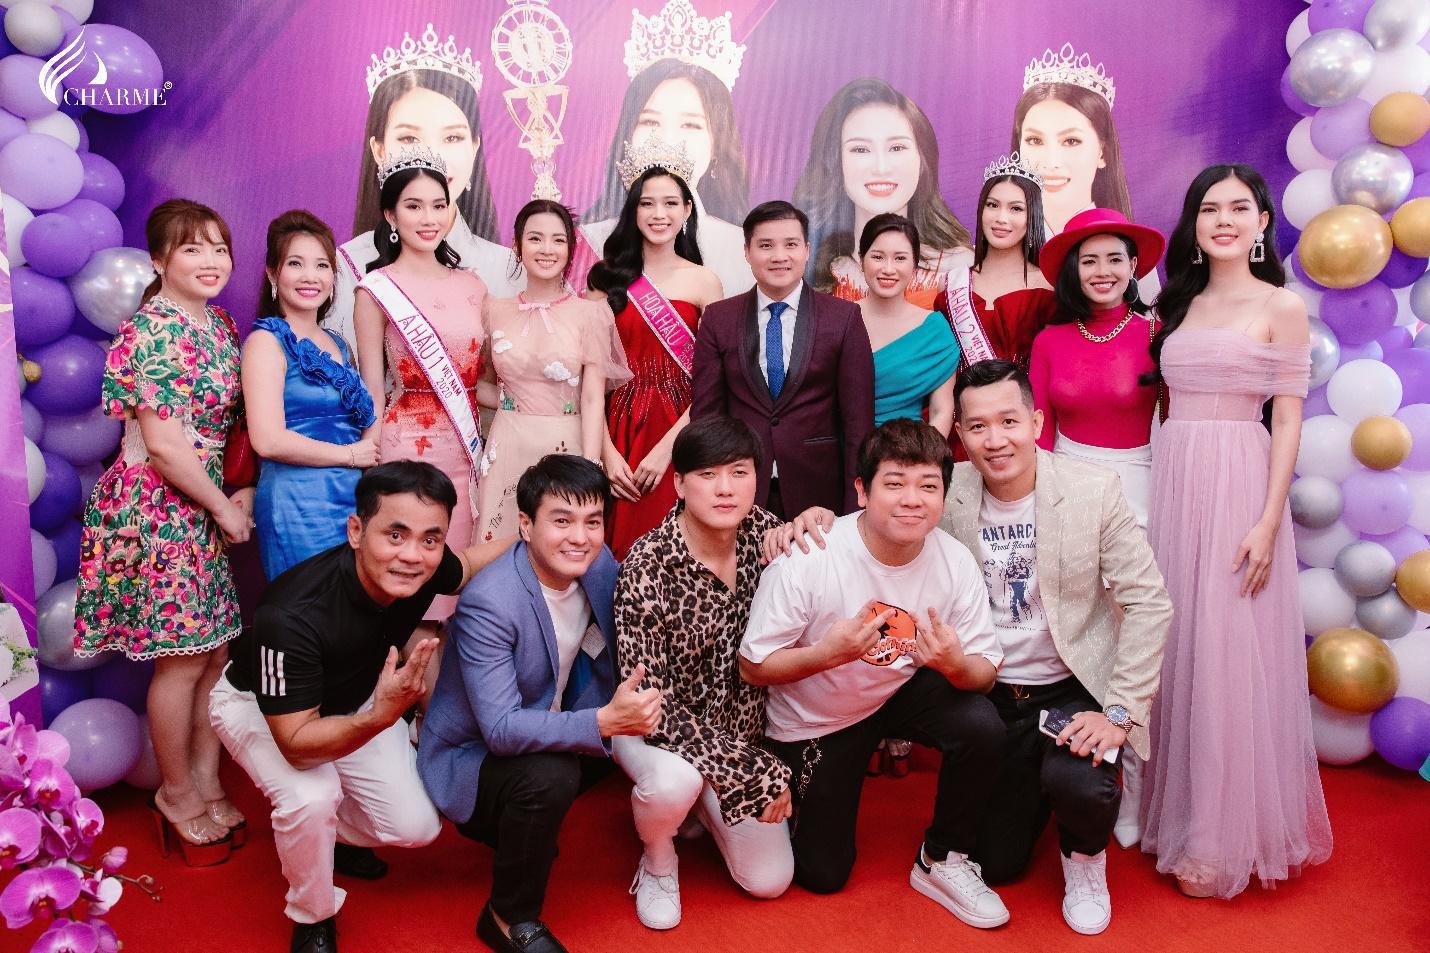 Top Hoa hậu Việt Nam 2020 đến chúc mừng nước hoa Charme khai trương trụ sở công ty tại TP.HCM - Ảnh 3.